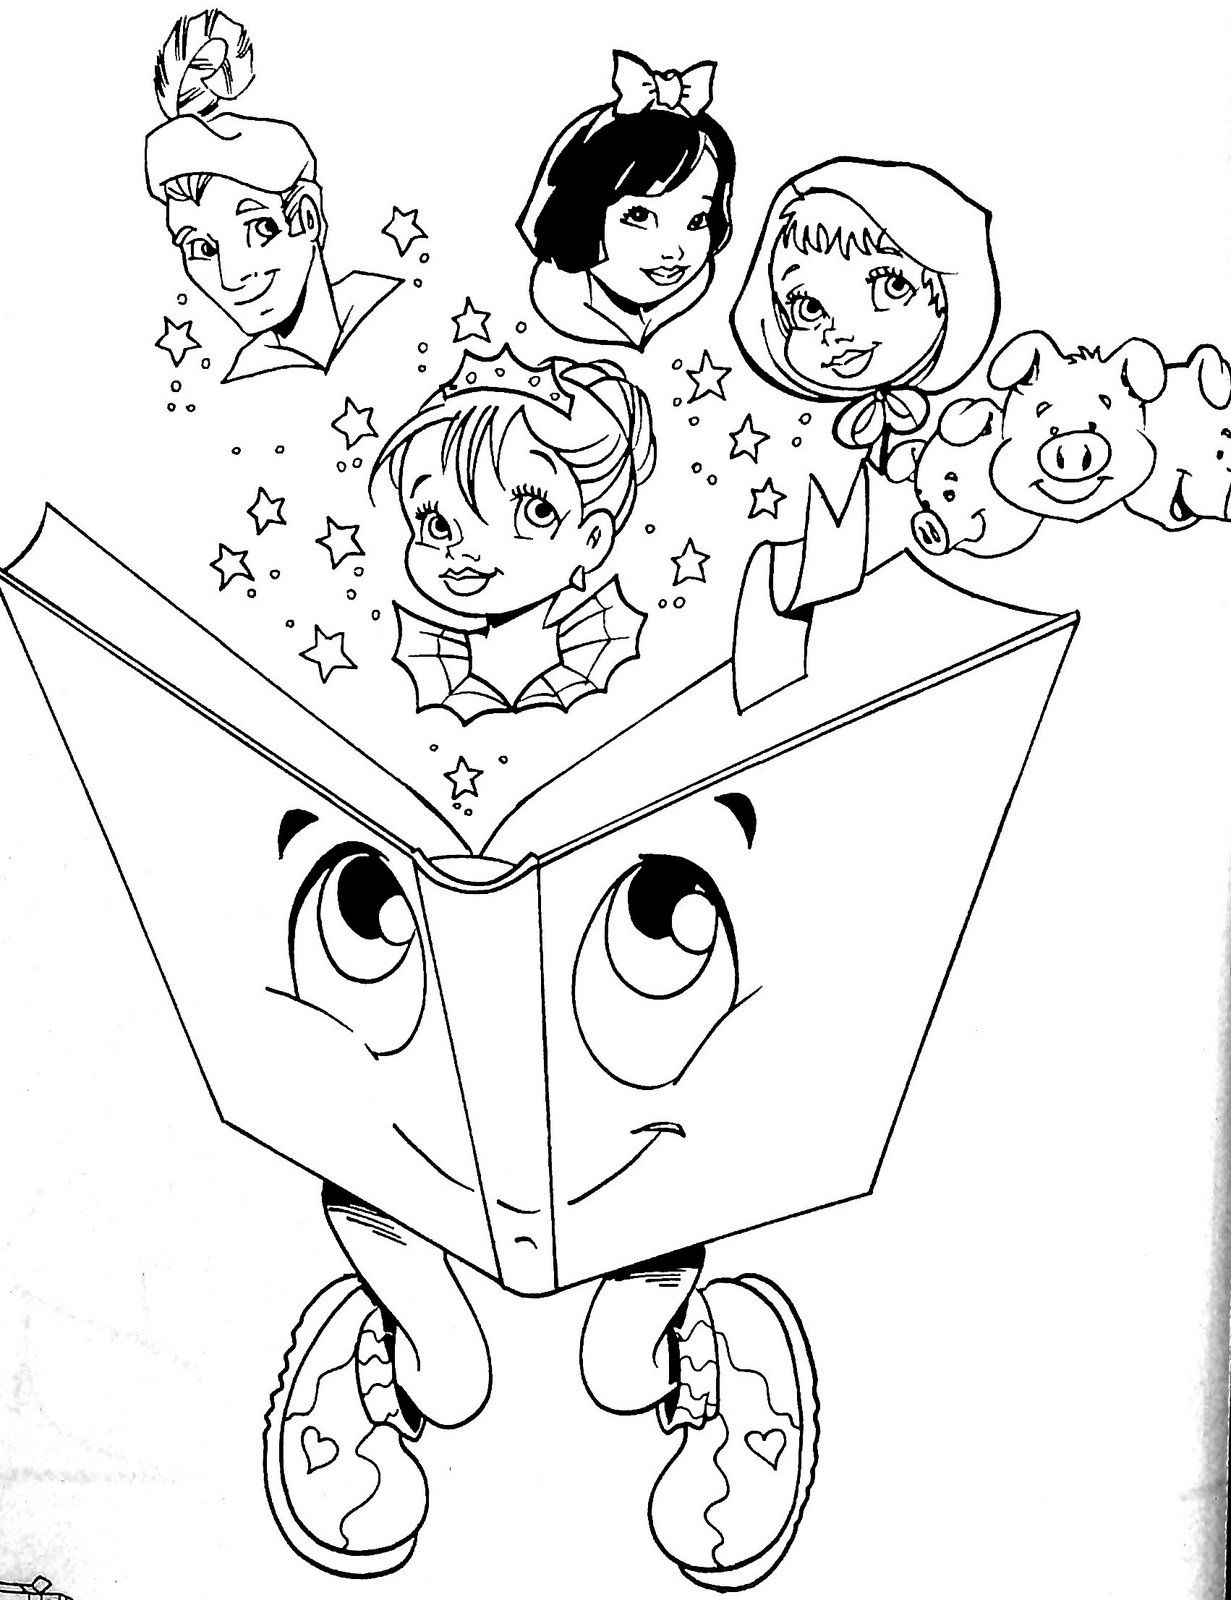 Día internacional del libro: Dibujos para colorear   CLIP DIBUJOS ...